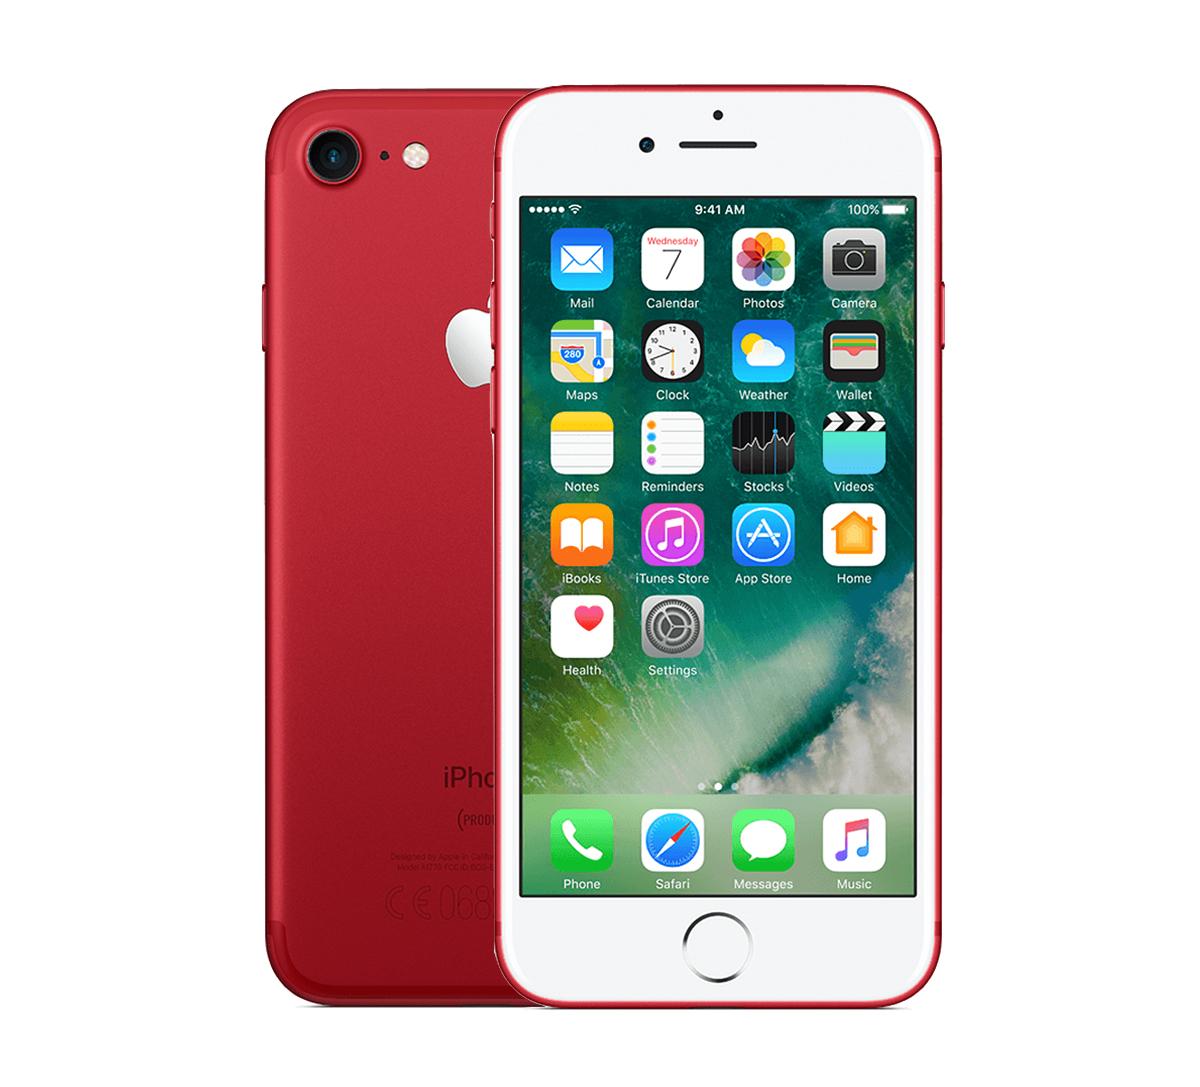 iPhone 7 Plus Jet Black quattro mesi senza custodia: ecco il